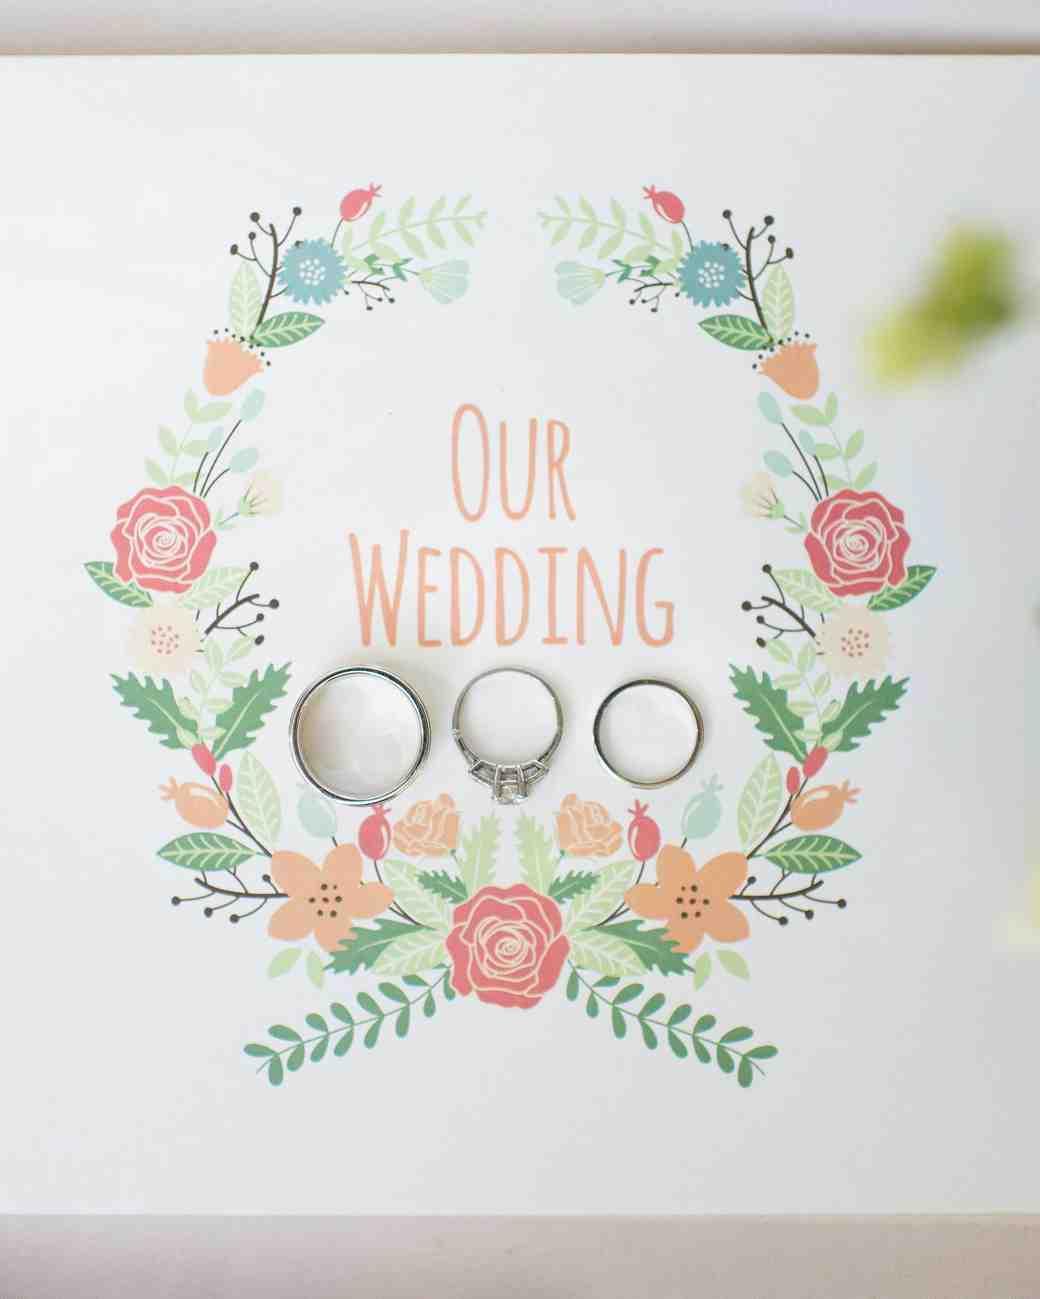 wedding-brunch-ideas-guest-book-0416.jpg